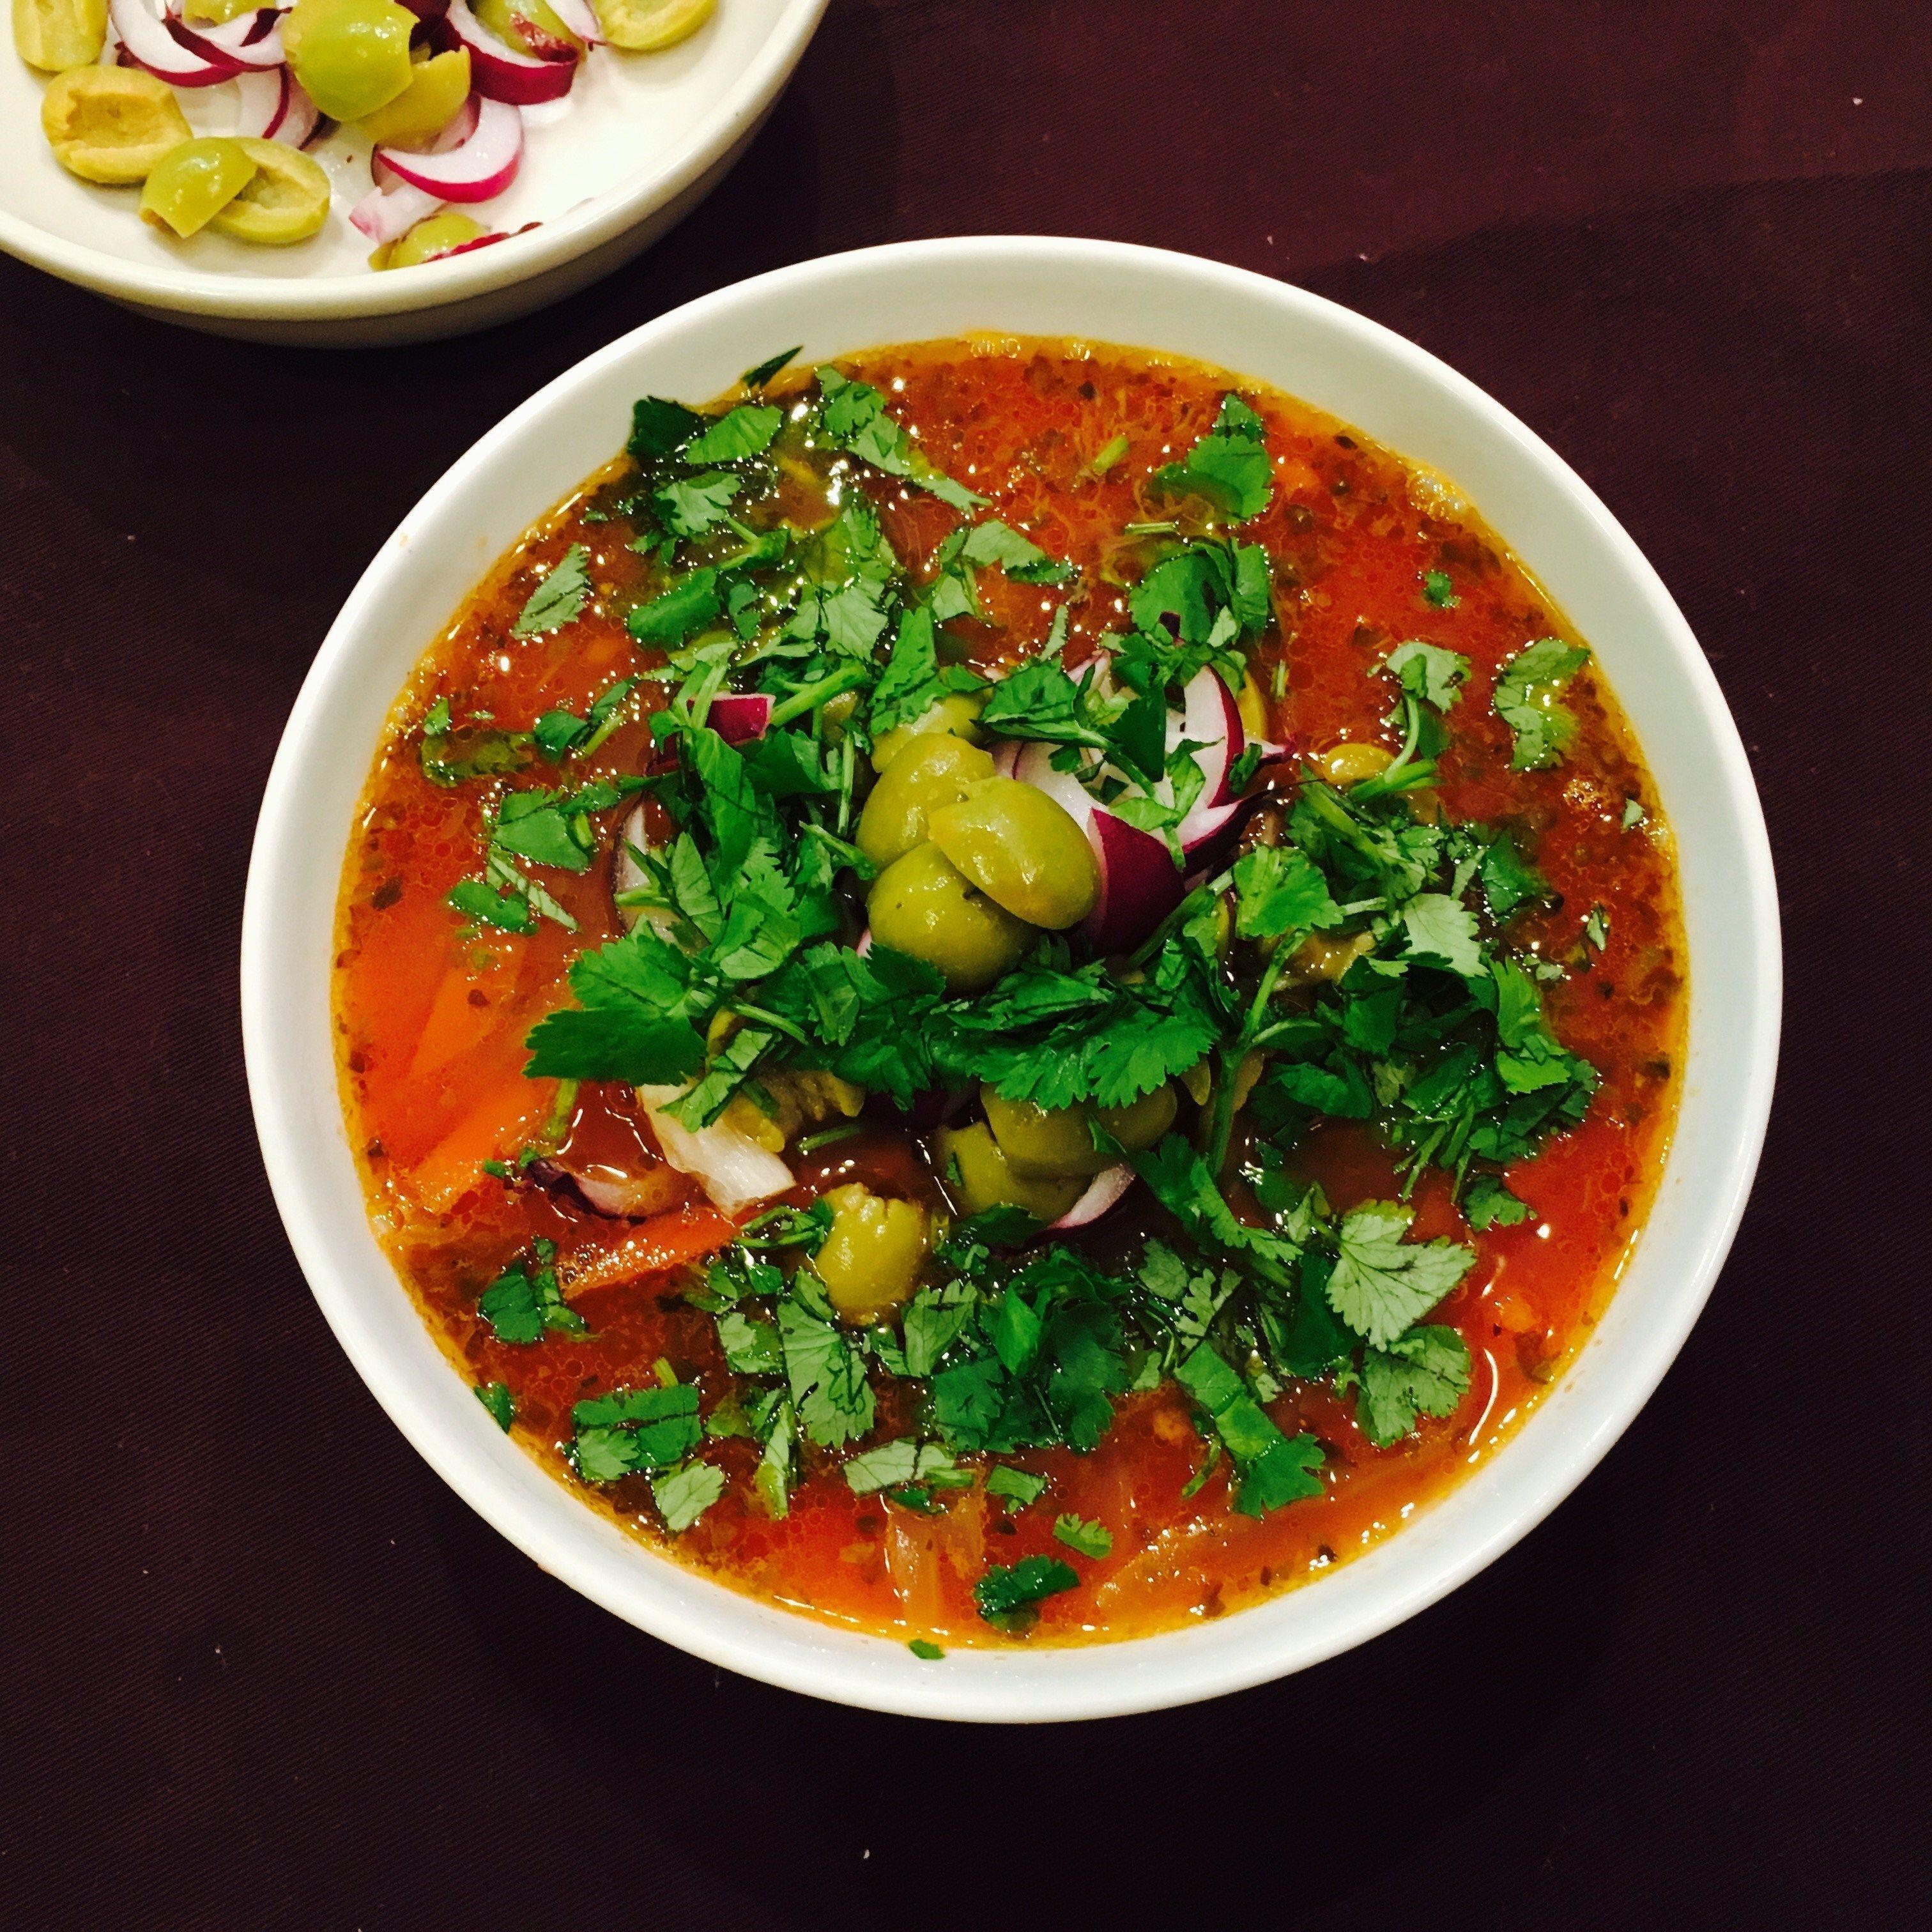 супы на обед рецепты с фото его стоит